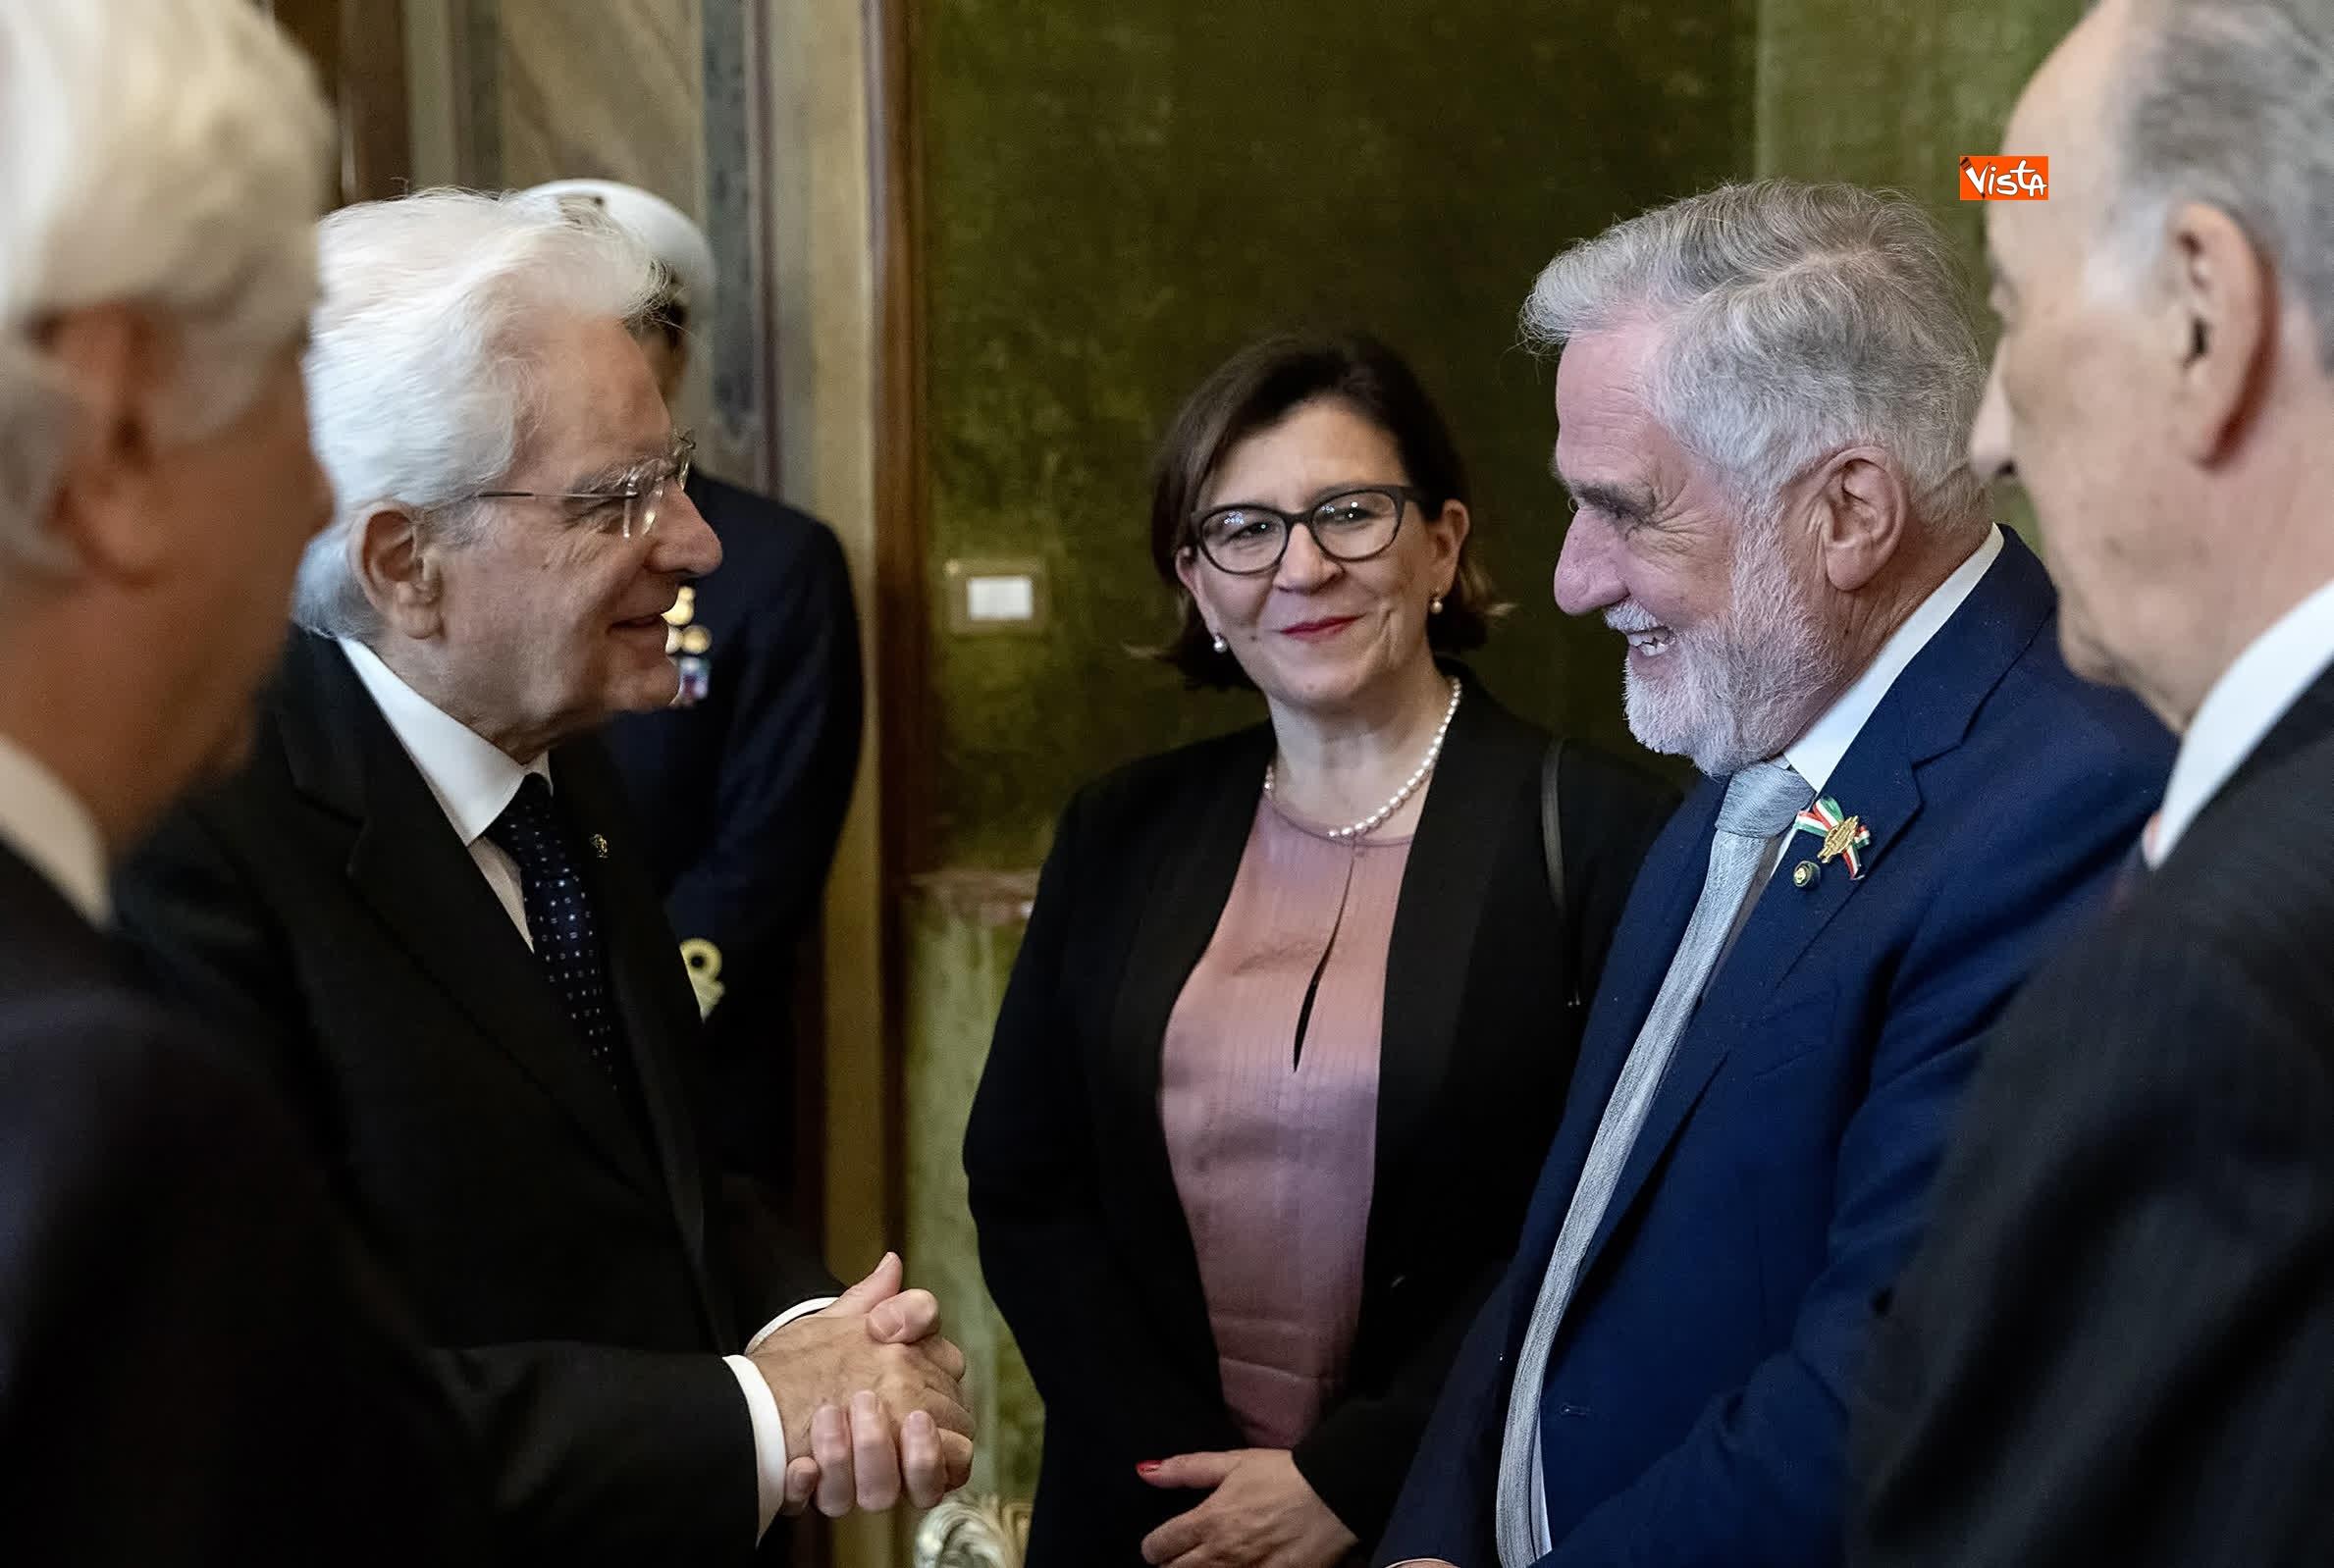 24-04-19 Mattarella Incontra gli esponenti delle Associazioni Combattentistiche e d Arma_02